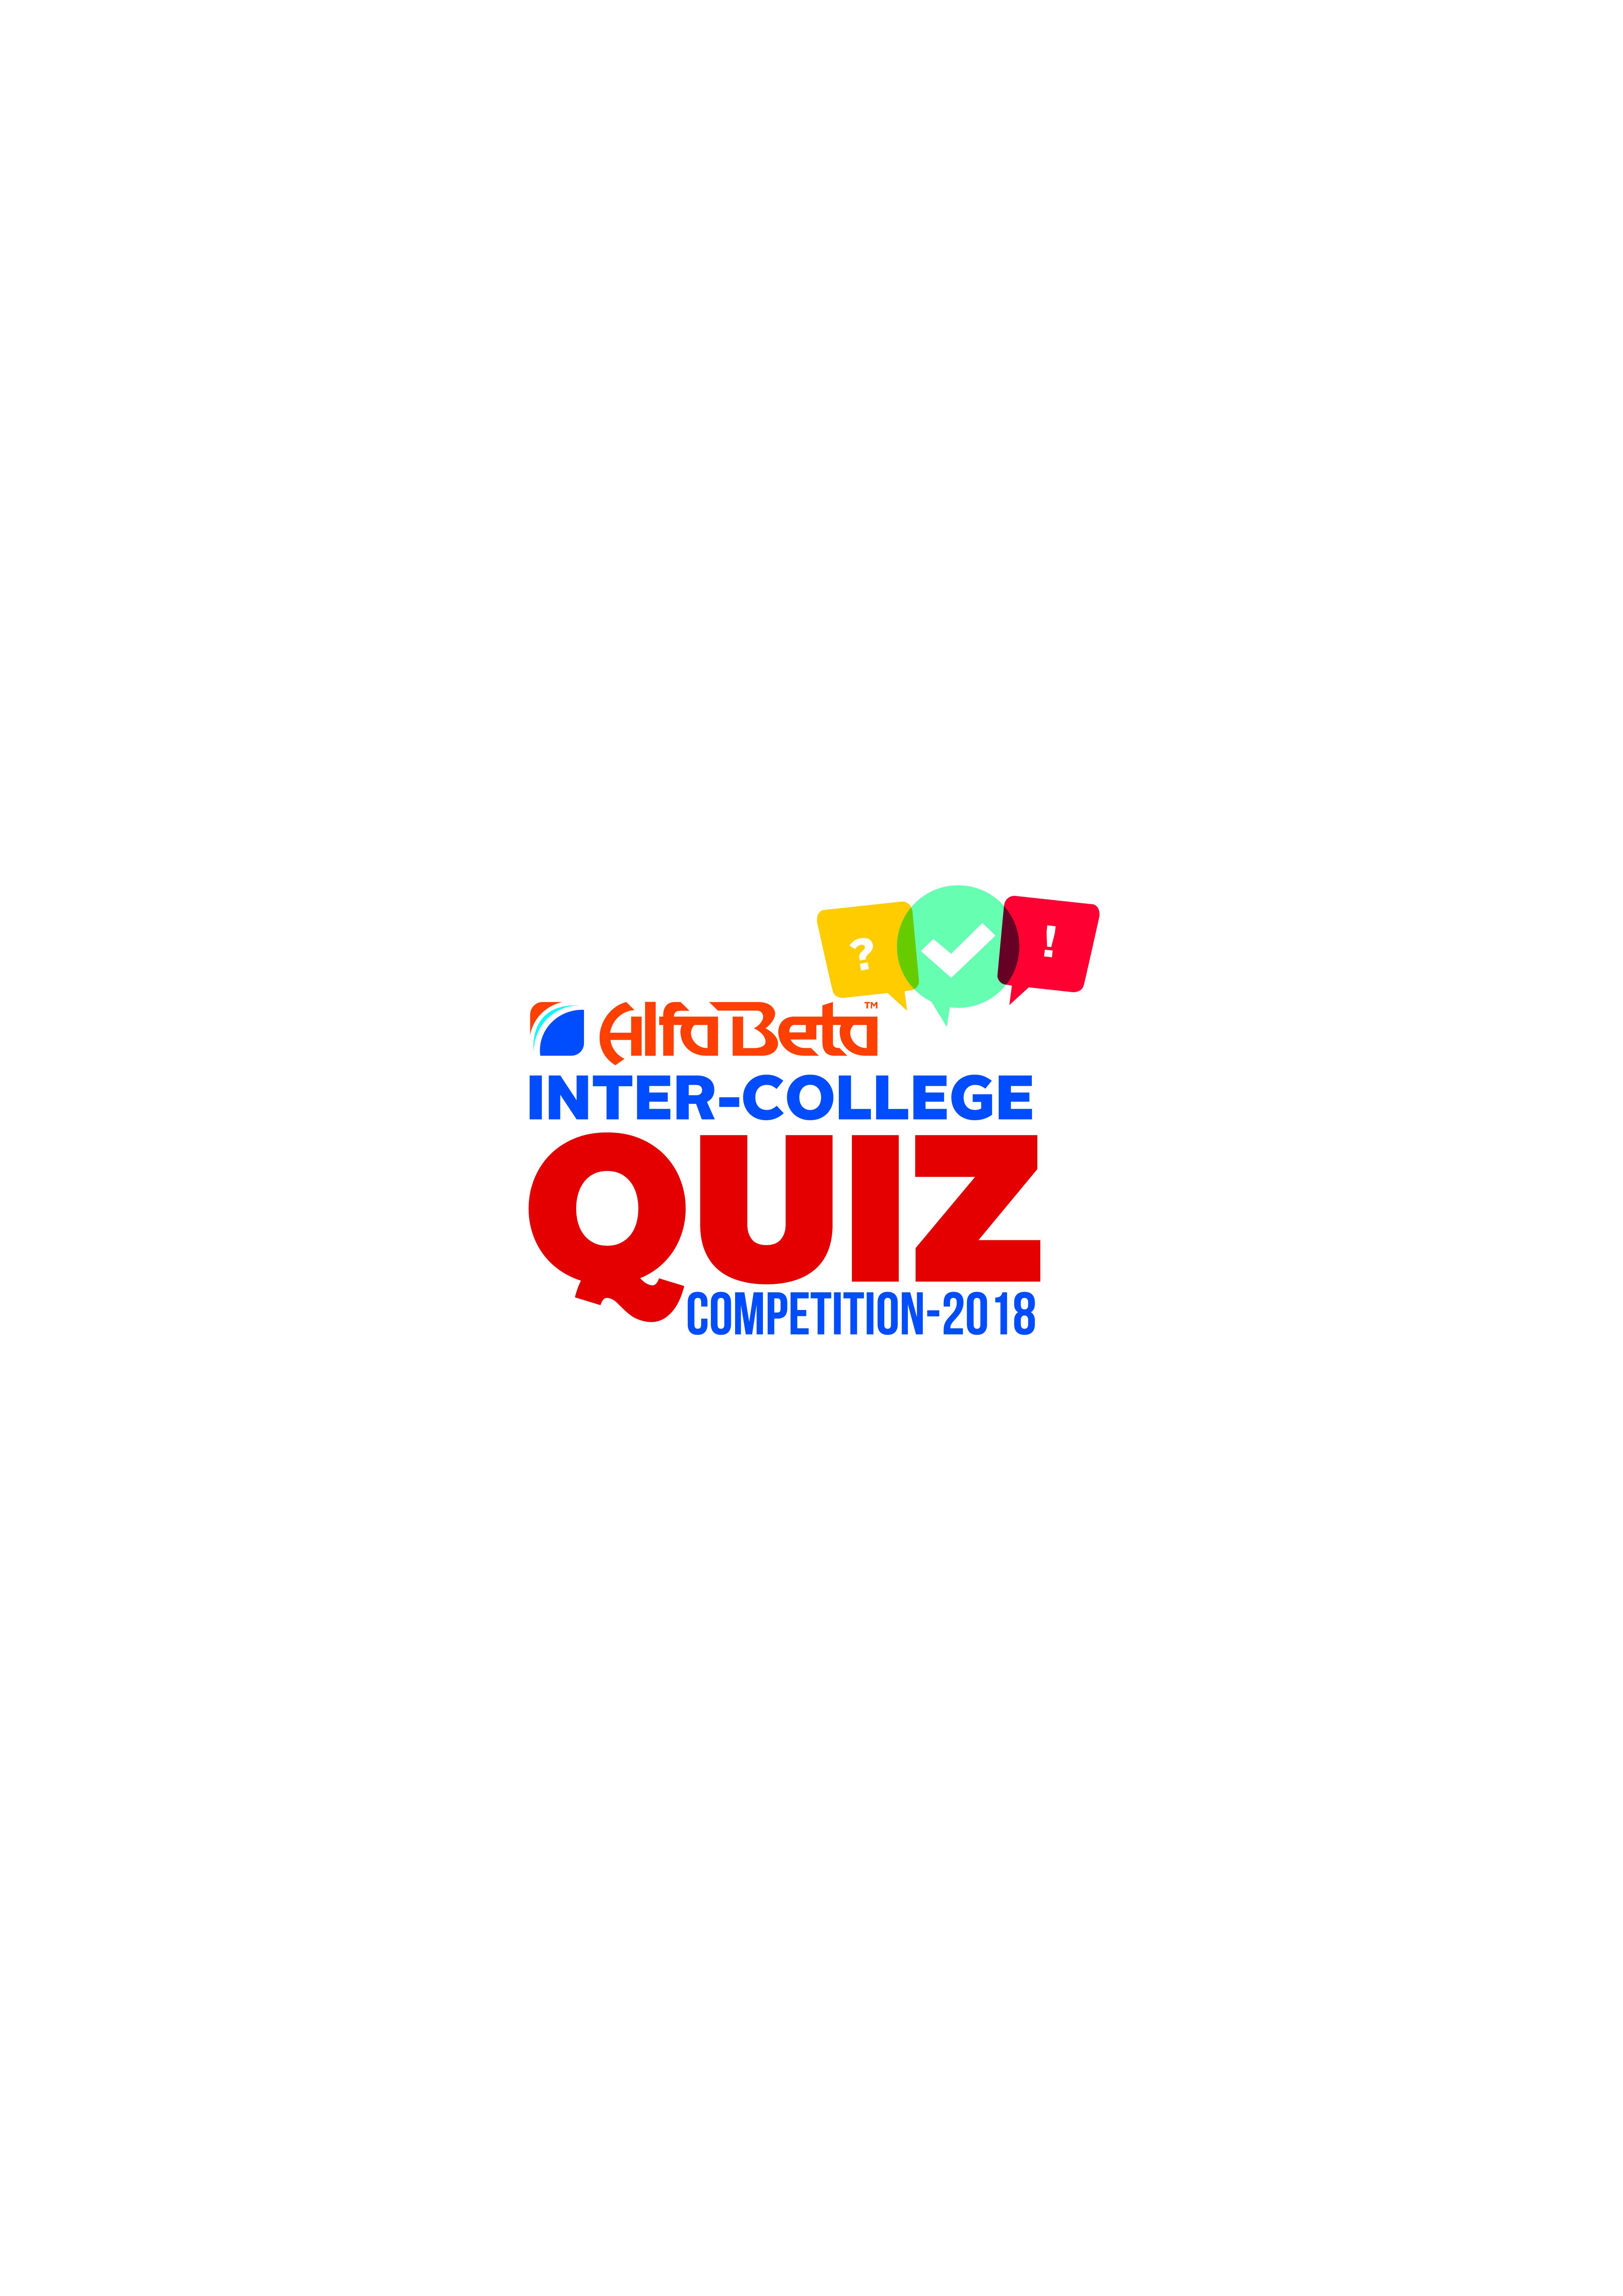 अल्फा बिटा इन्टर कलेज क्वीज प्रतियोगिता : आज सेमीफाइनल तथा फाइनल